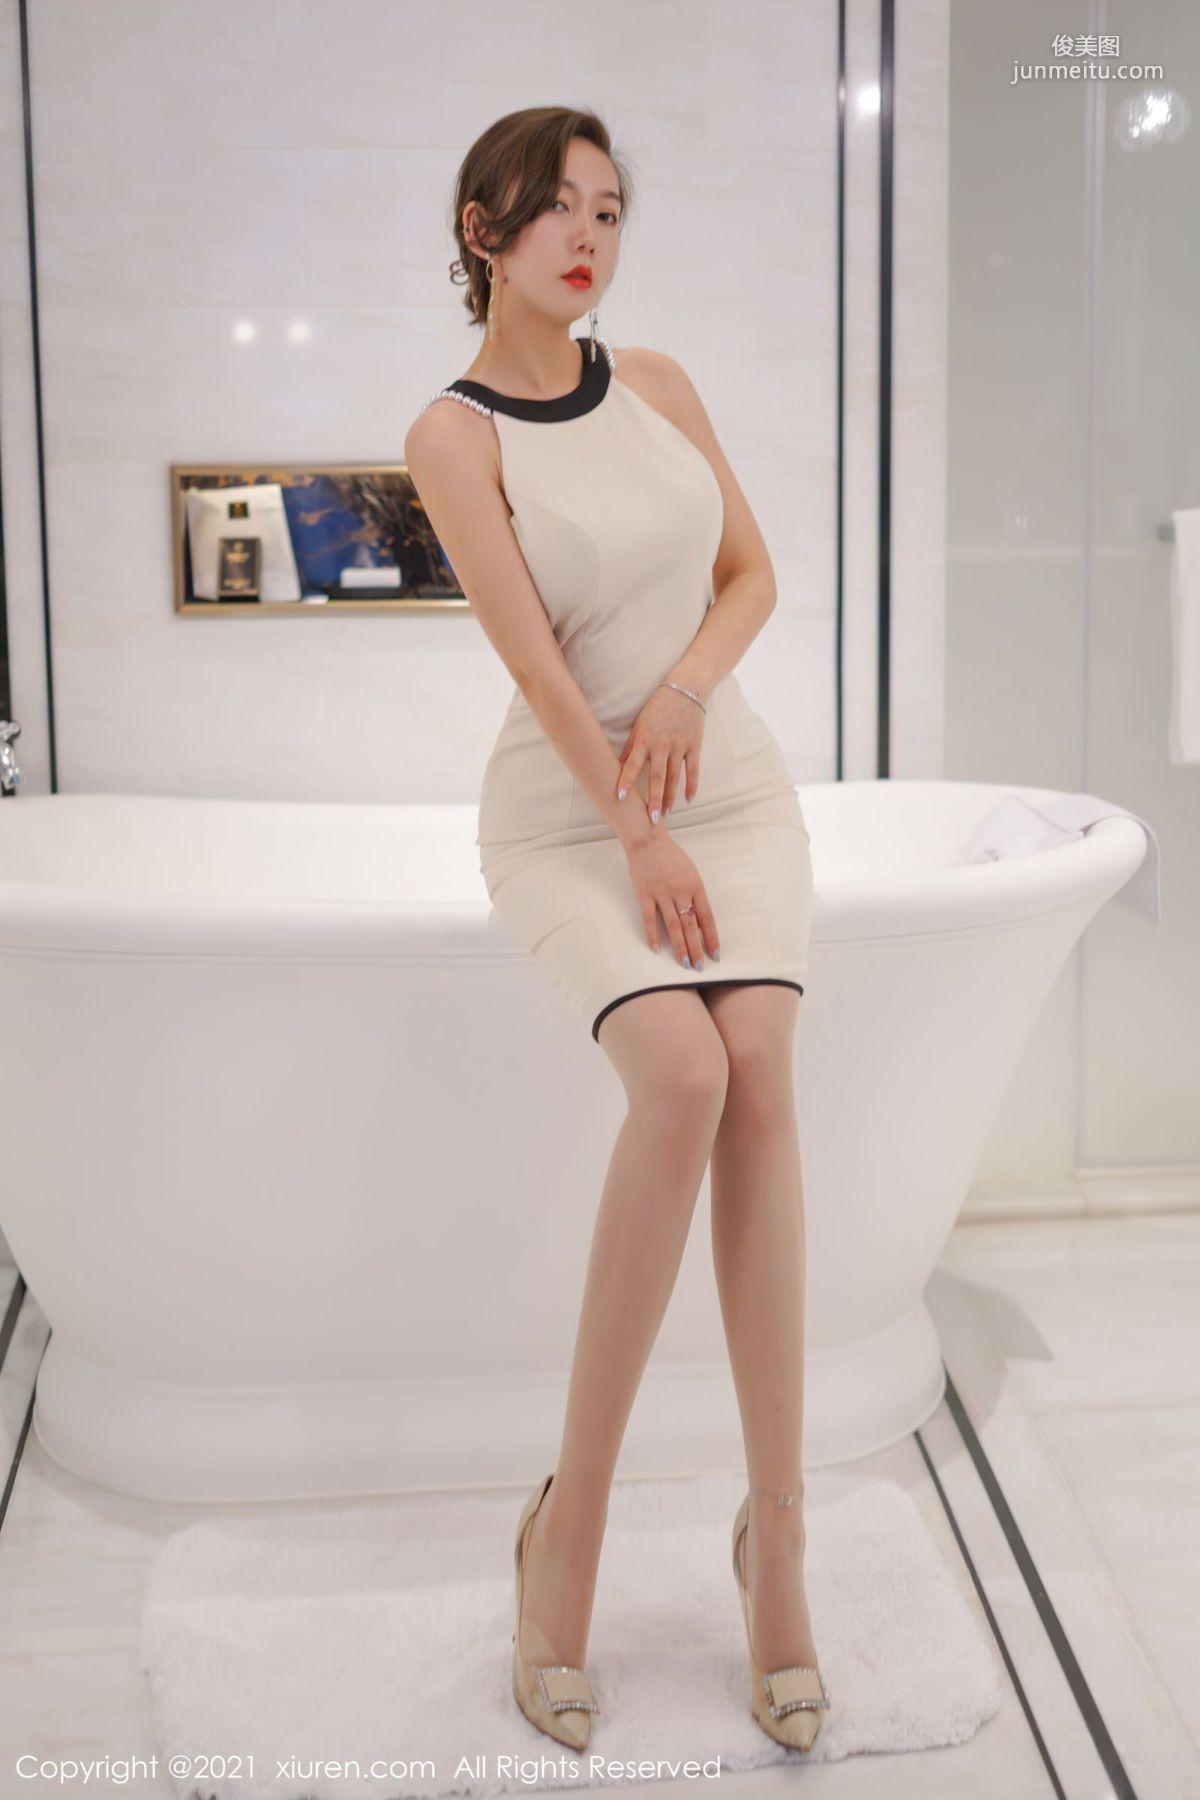 艾静香澳门旅拍 明亮的浴室场景